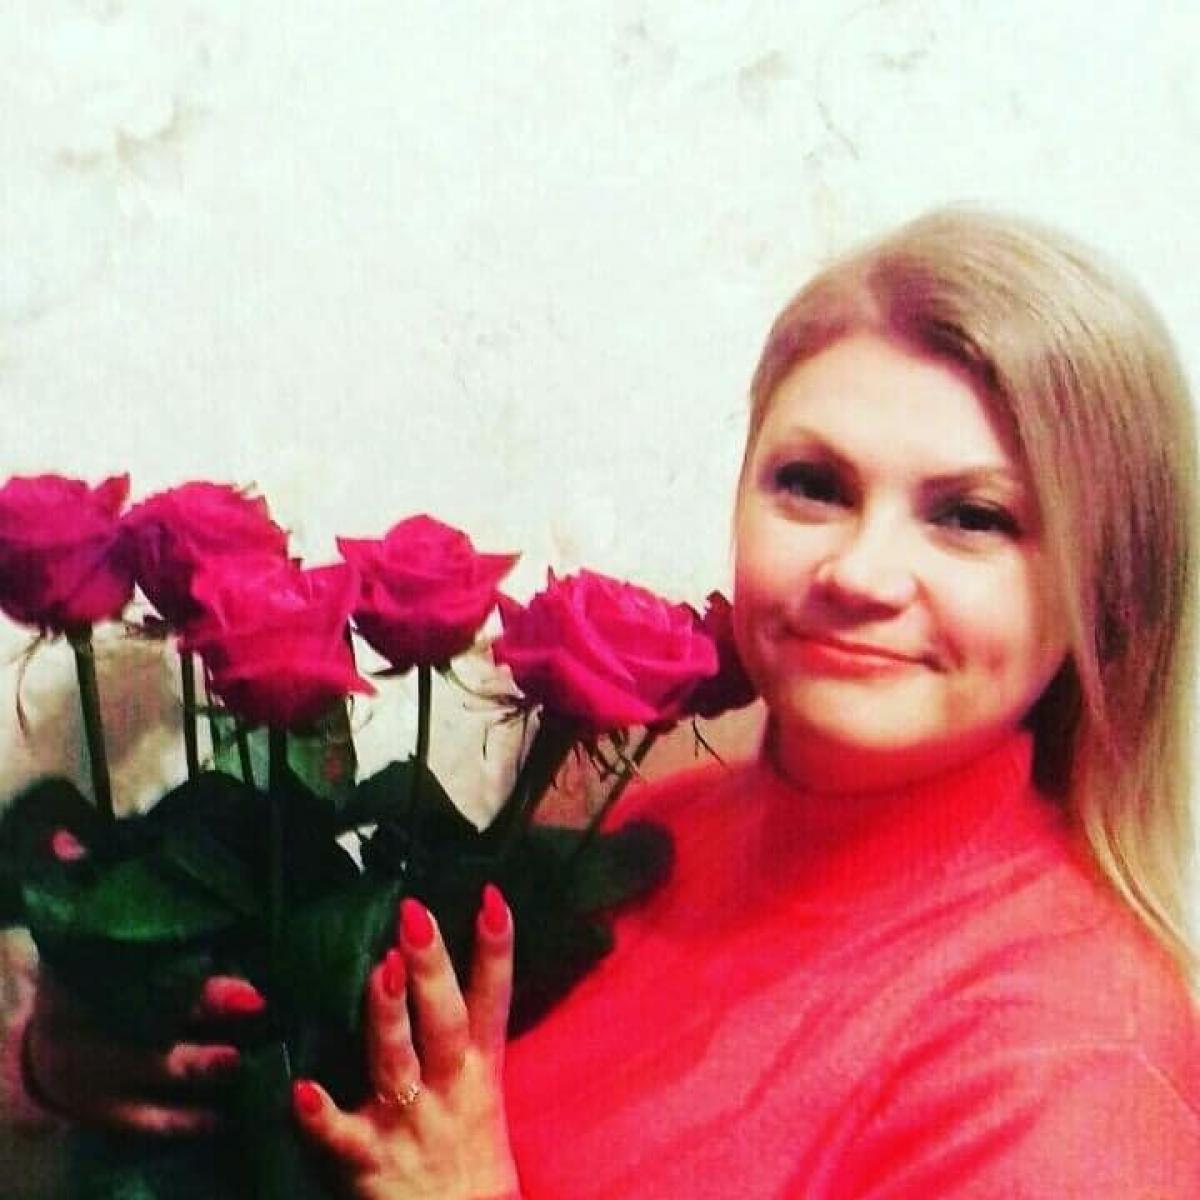 Журналист сообщил, что в столице убита Петрова